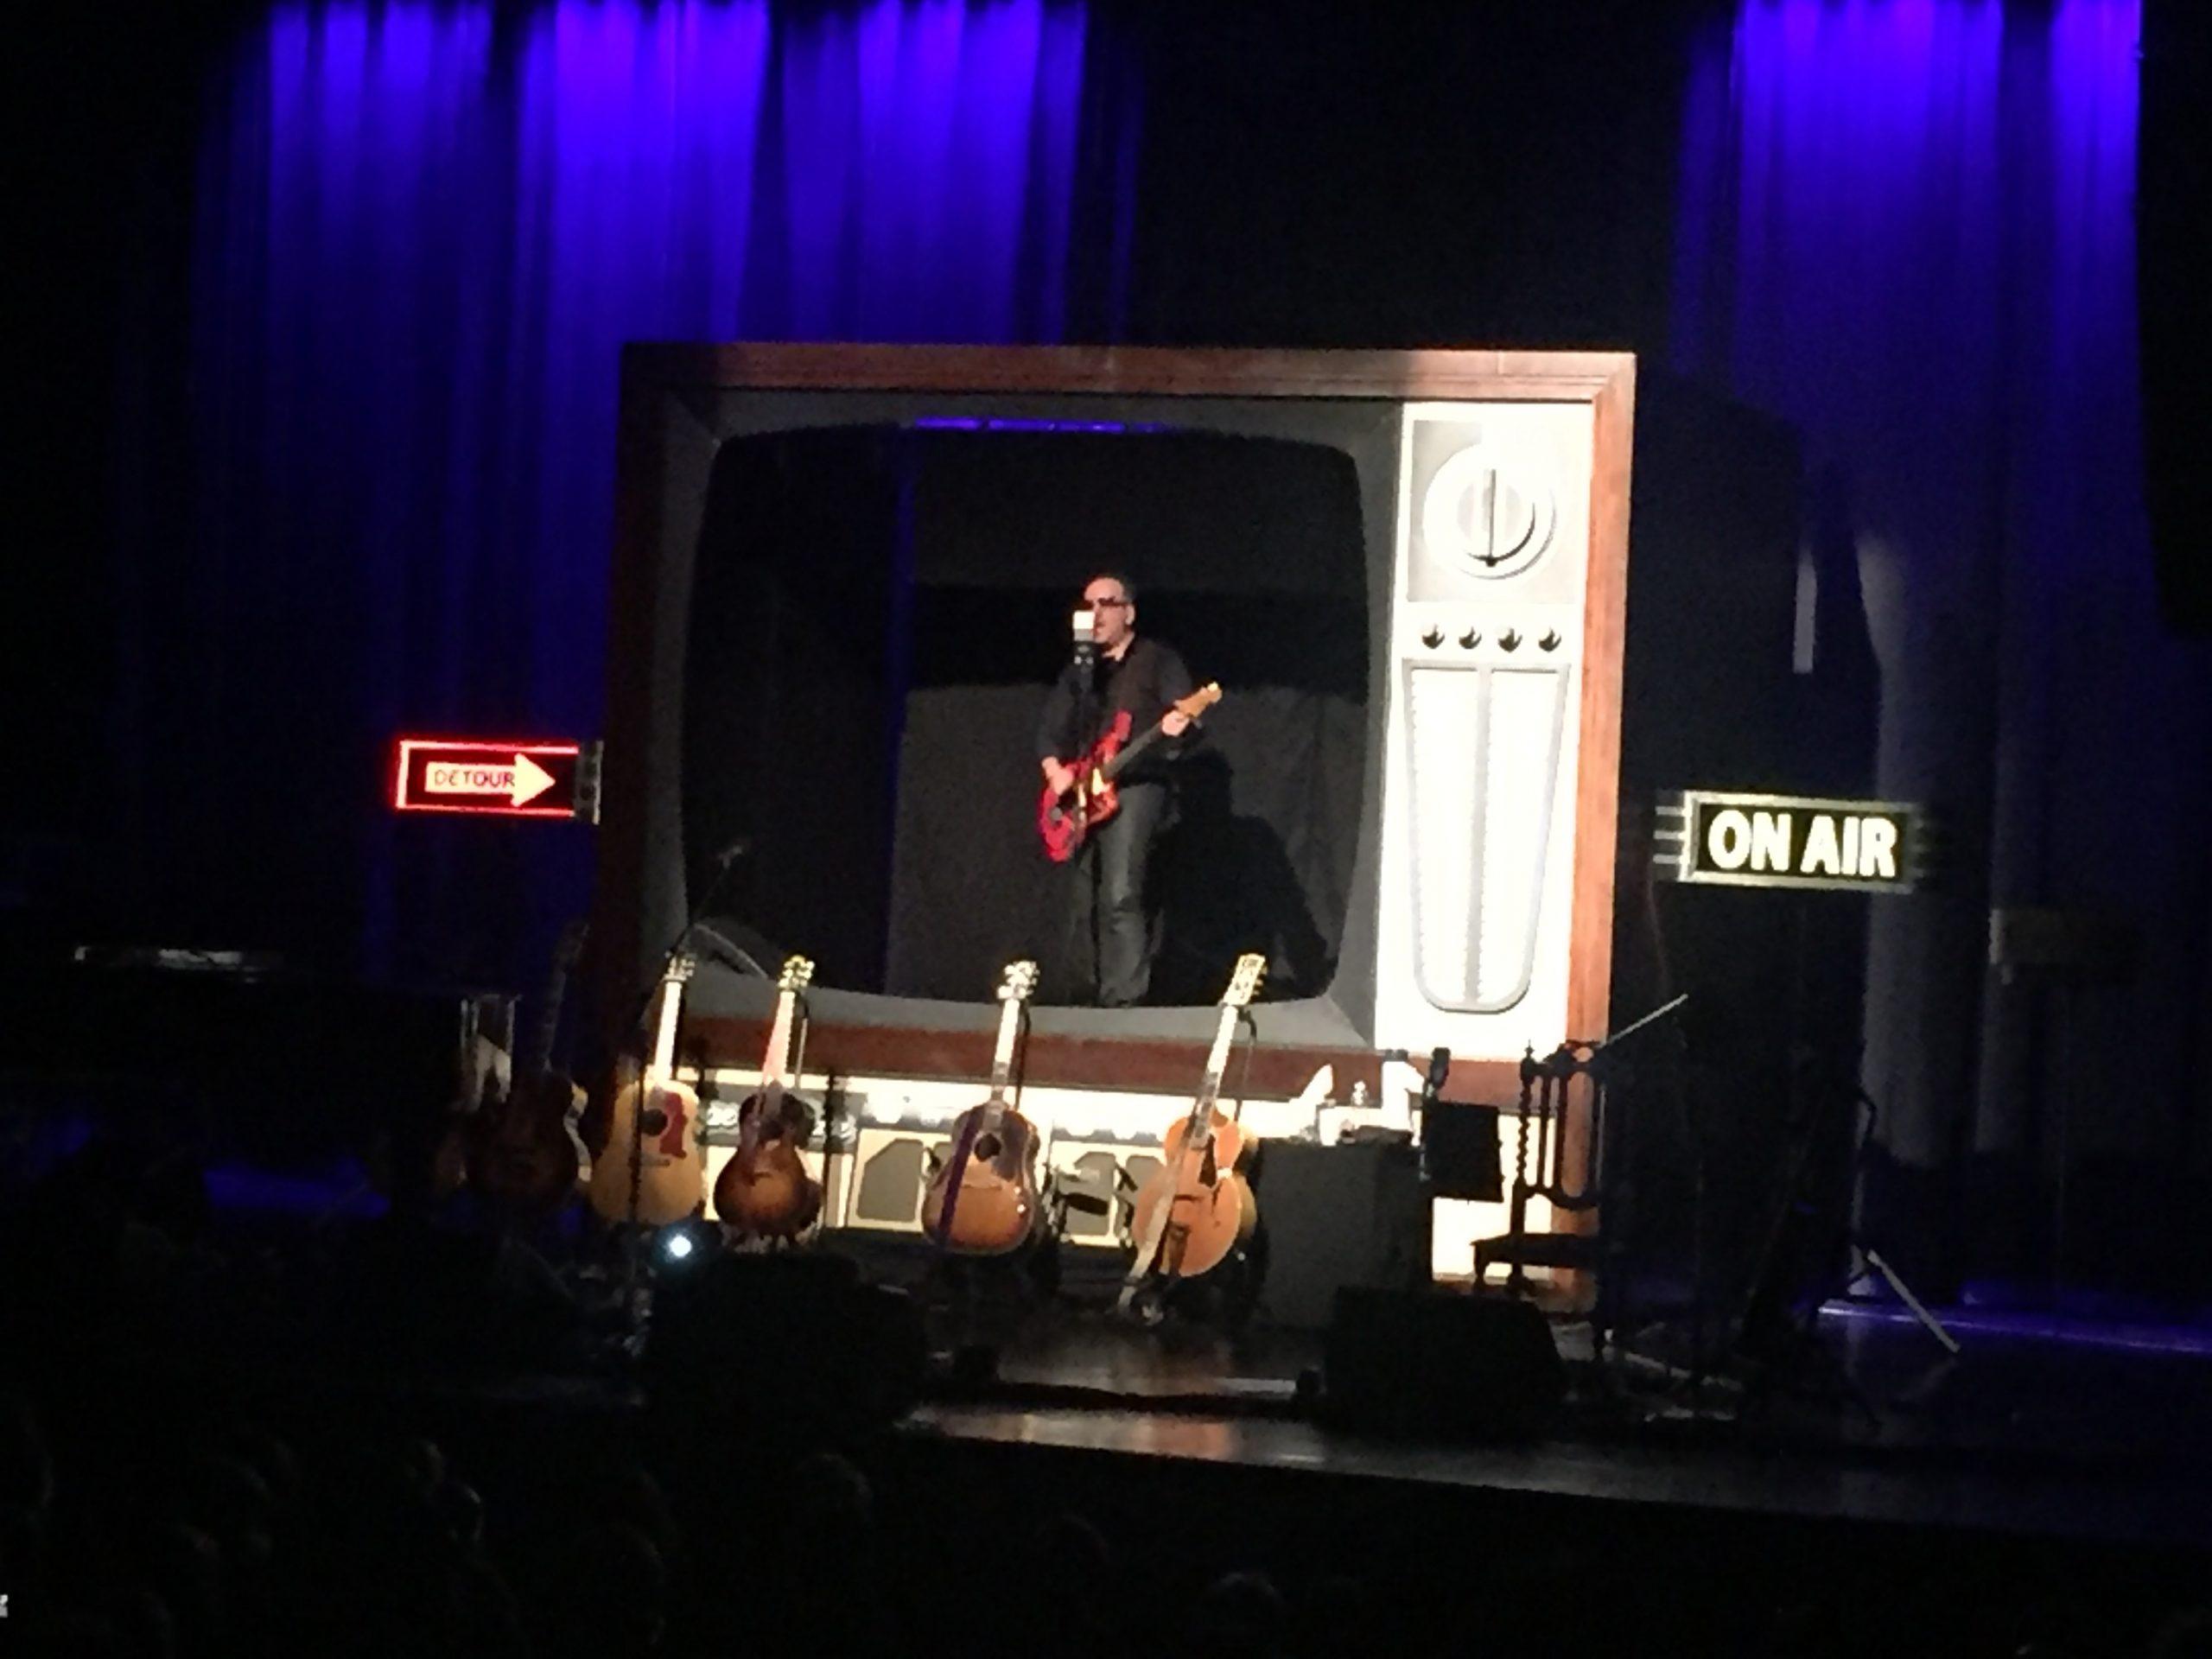 SØVNDYSSENDE: Står man helt alene på en scene i to timer, skal man være god. Elvis Costello overbeviste ikke på Sentrum Scene. Foto: Martin Aasen Wright